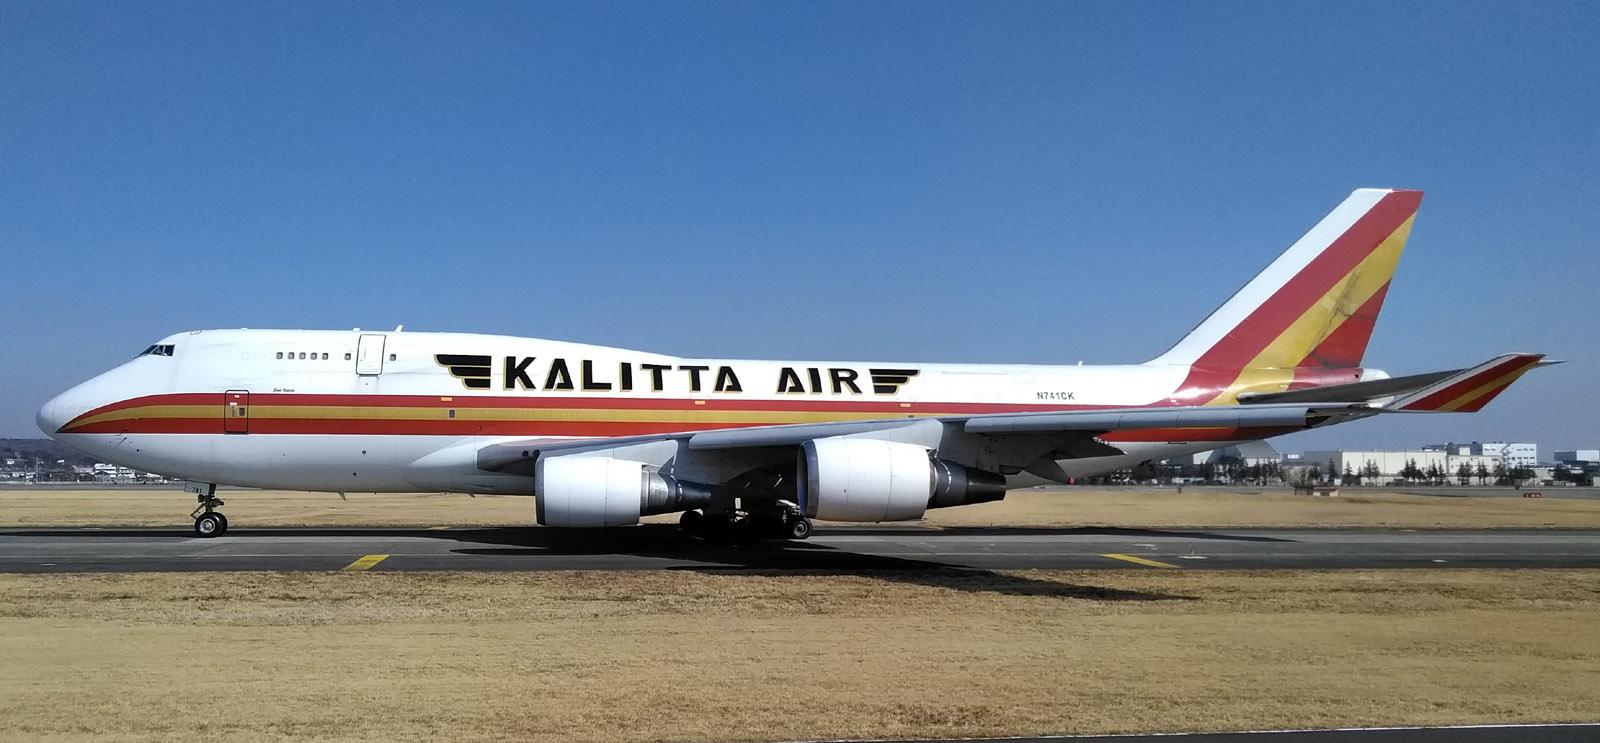 Kalitta190220g643